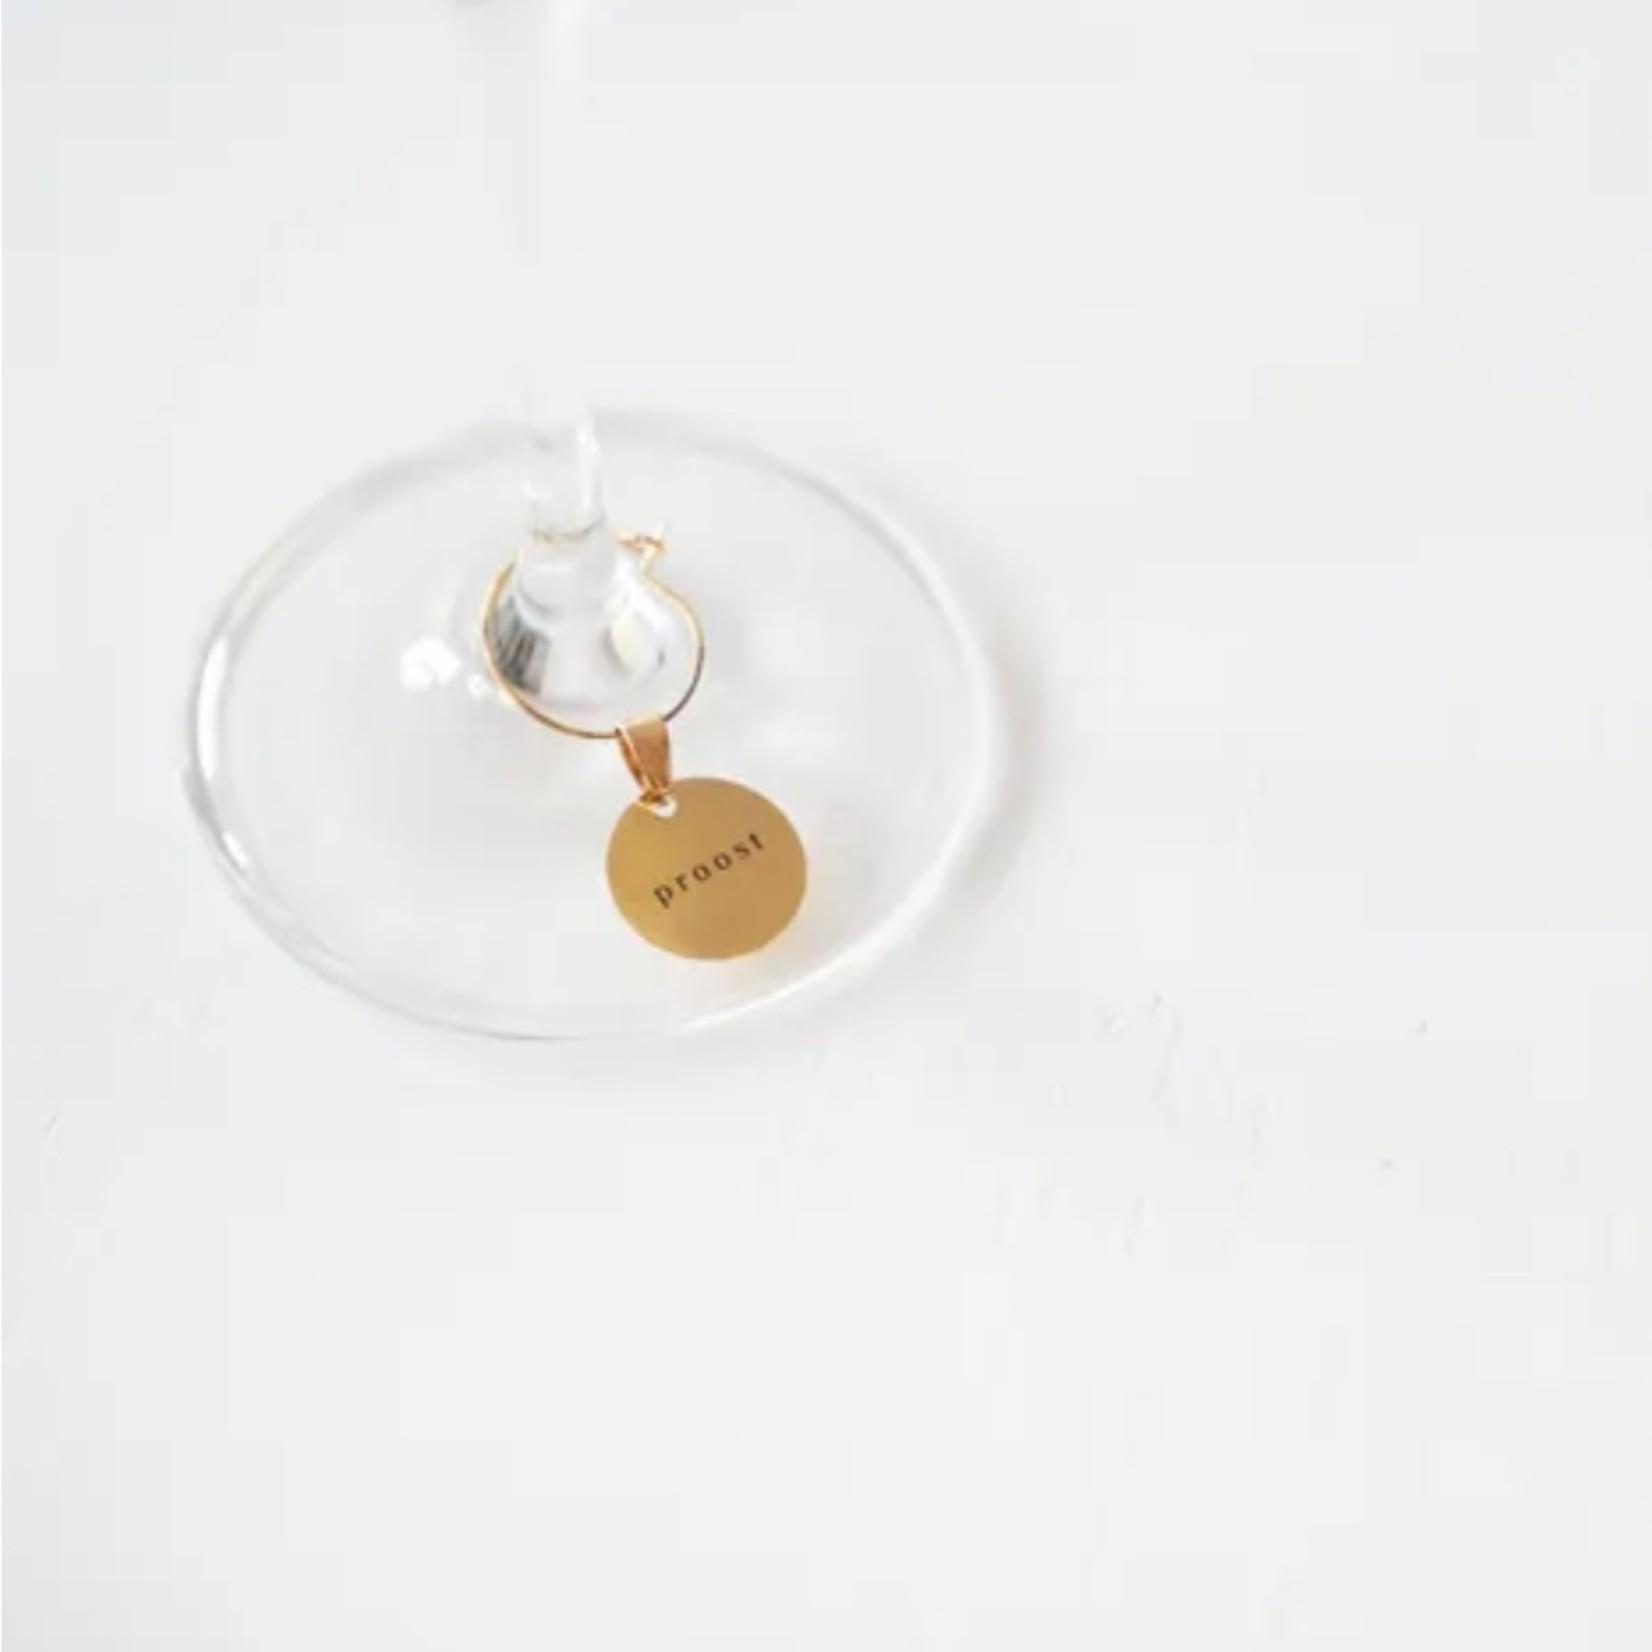 Set van 6 wijnglas-hangertjes metaal Zusss